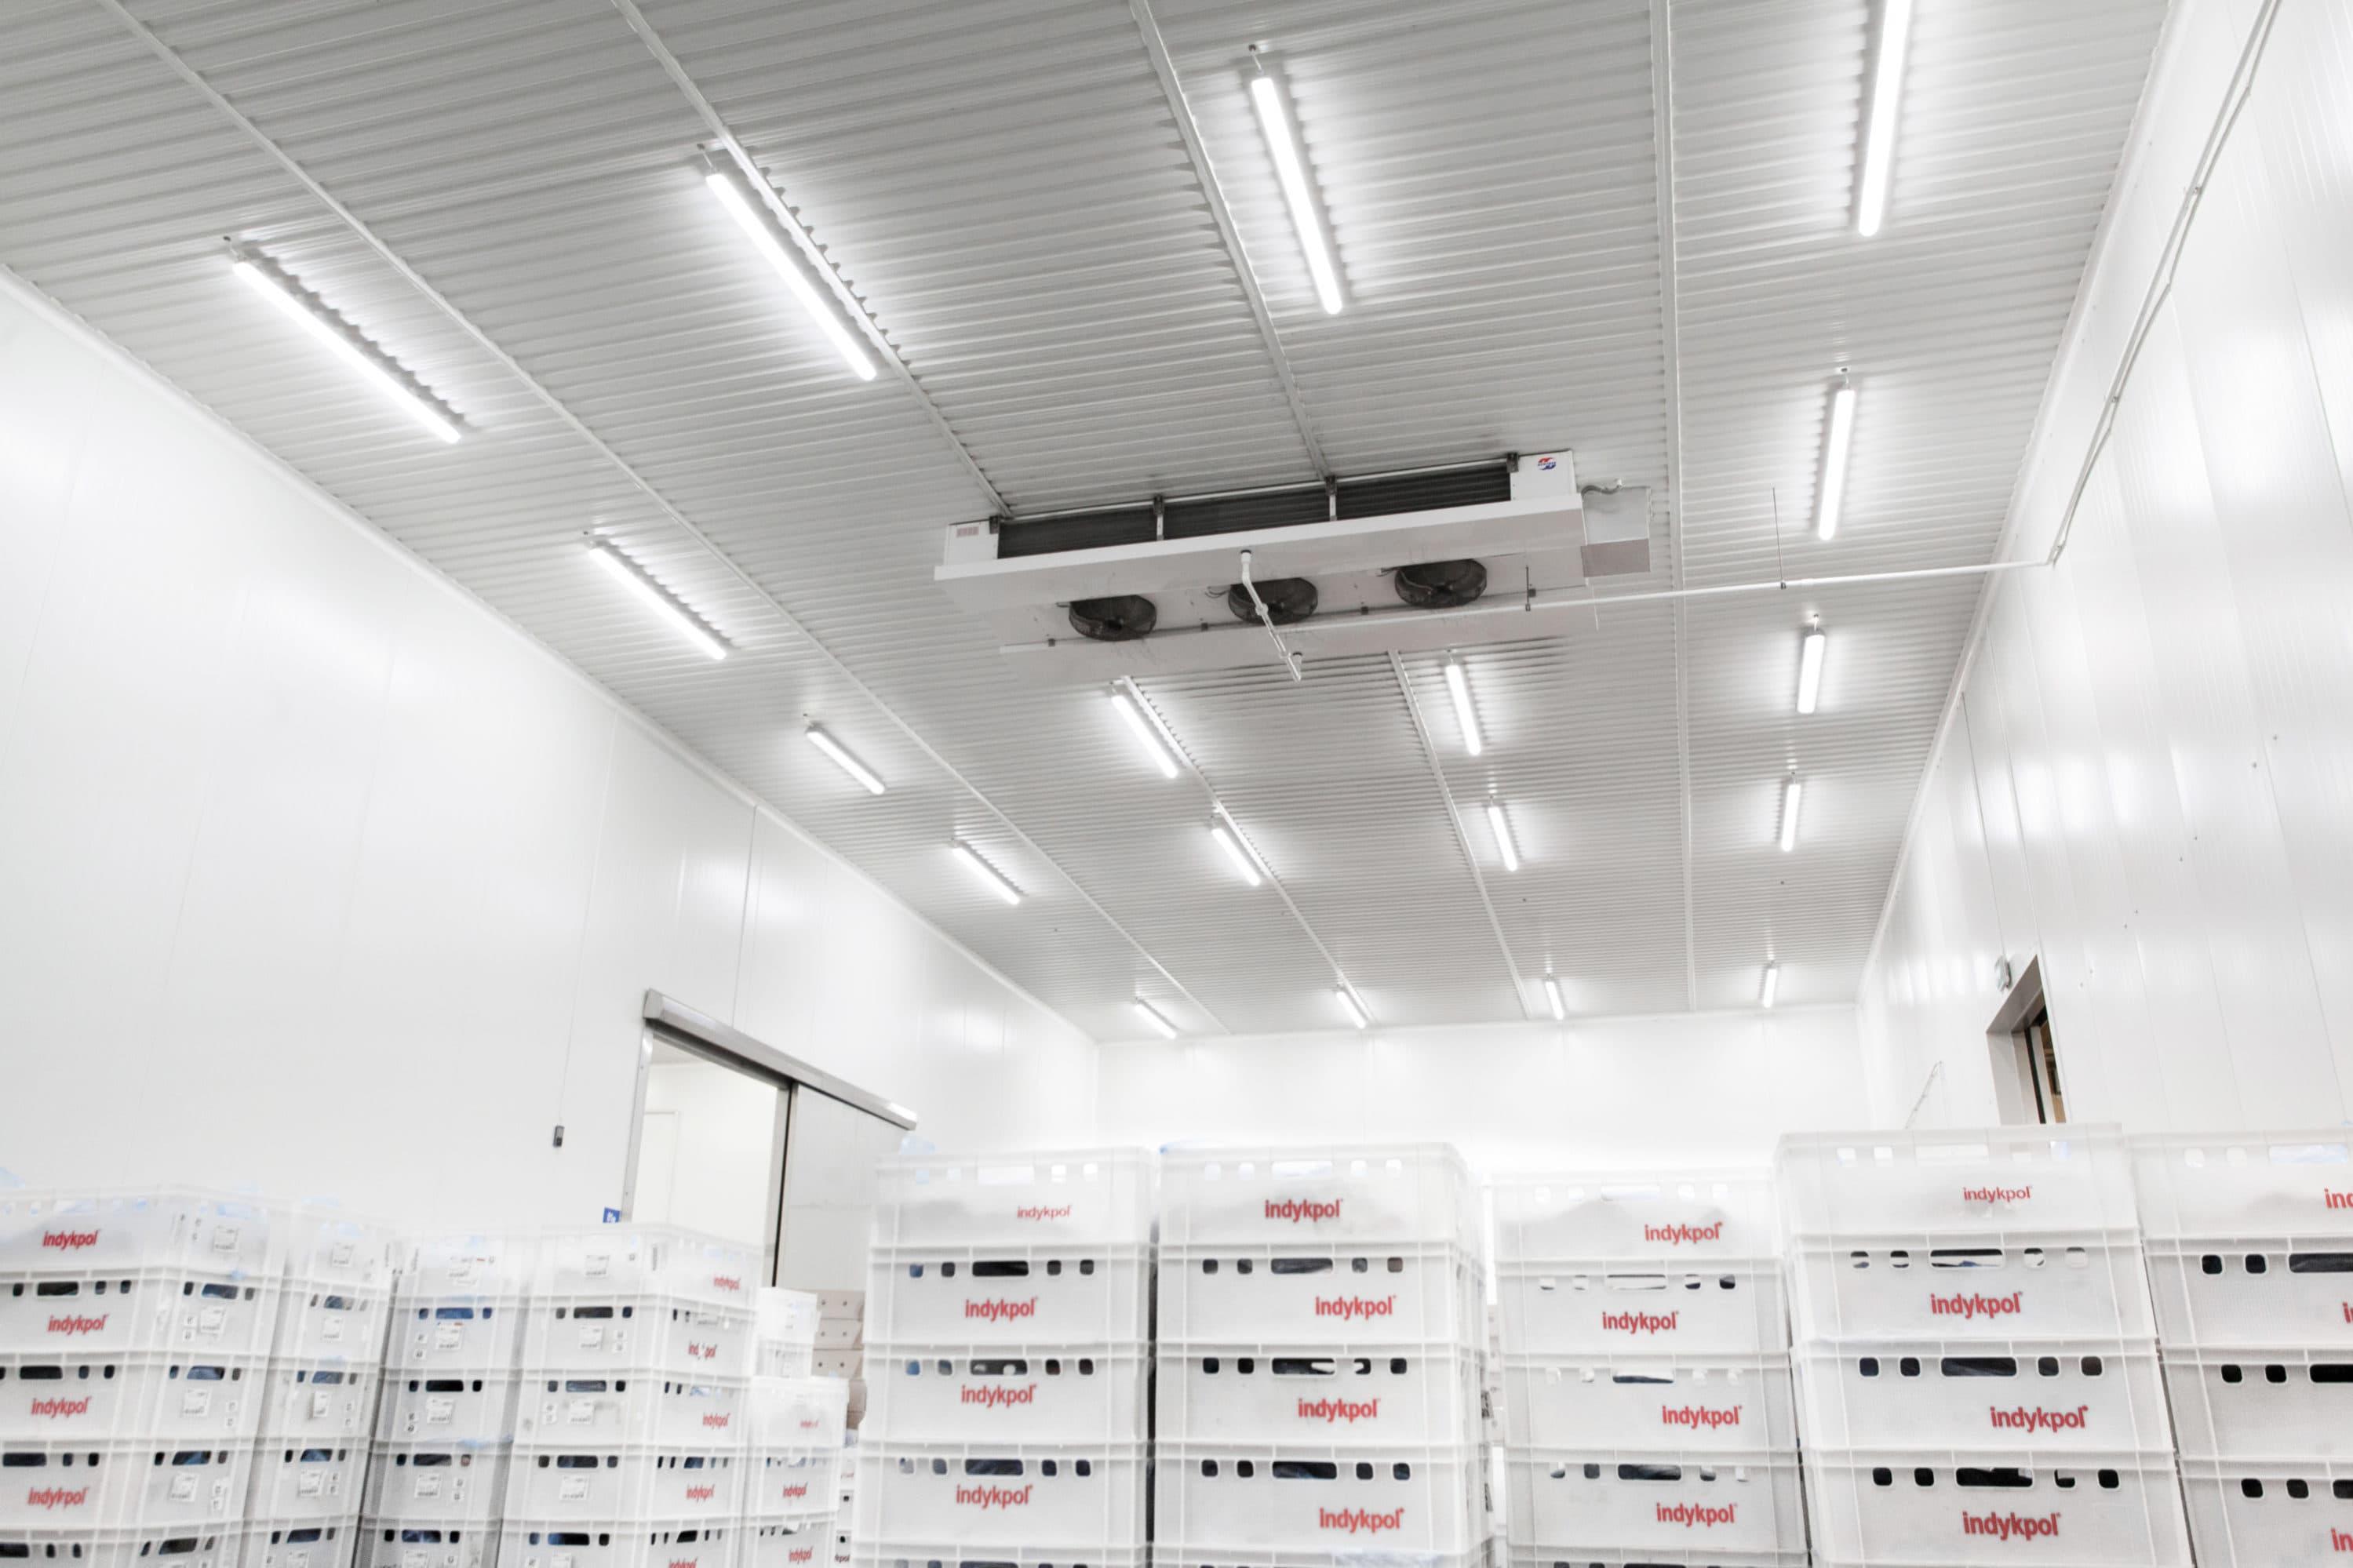 Modernisierung der Beleuchtung in der Firma Indykpol